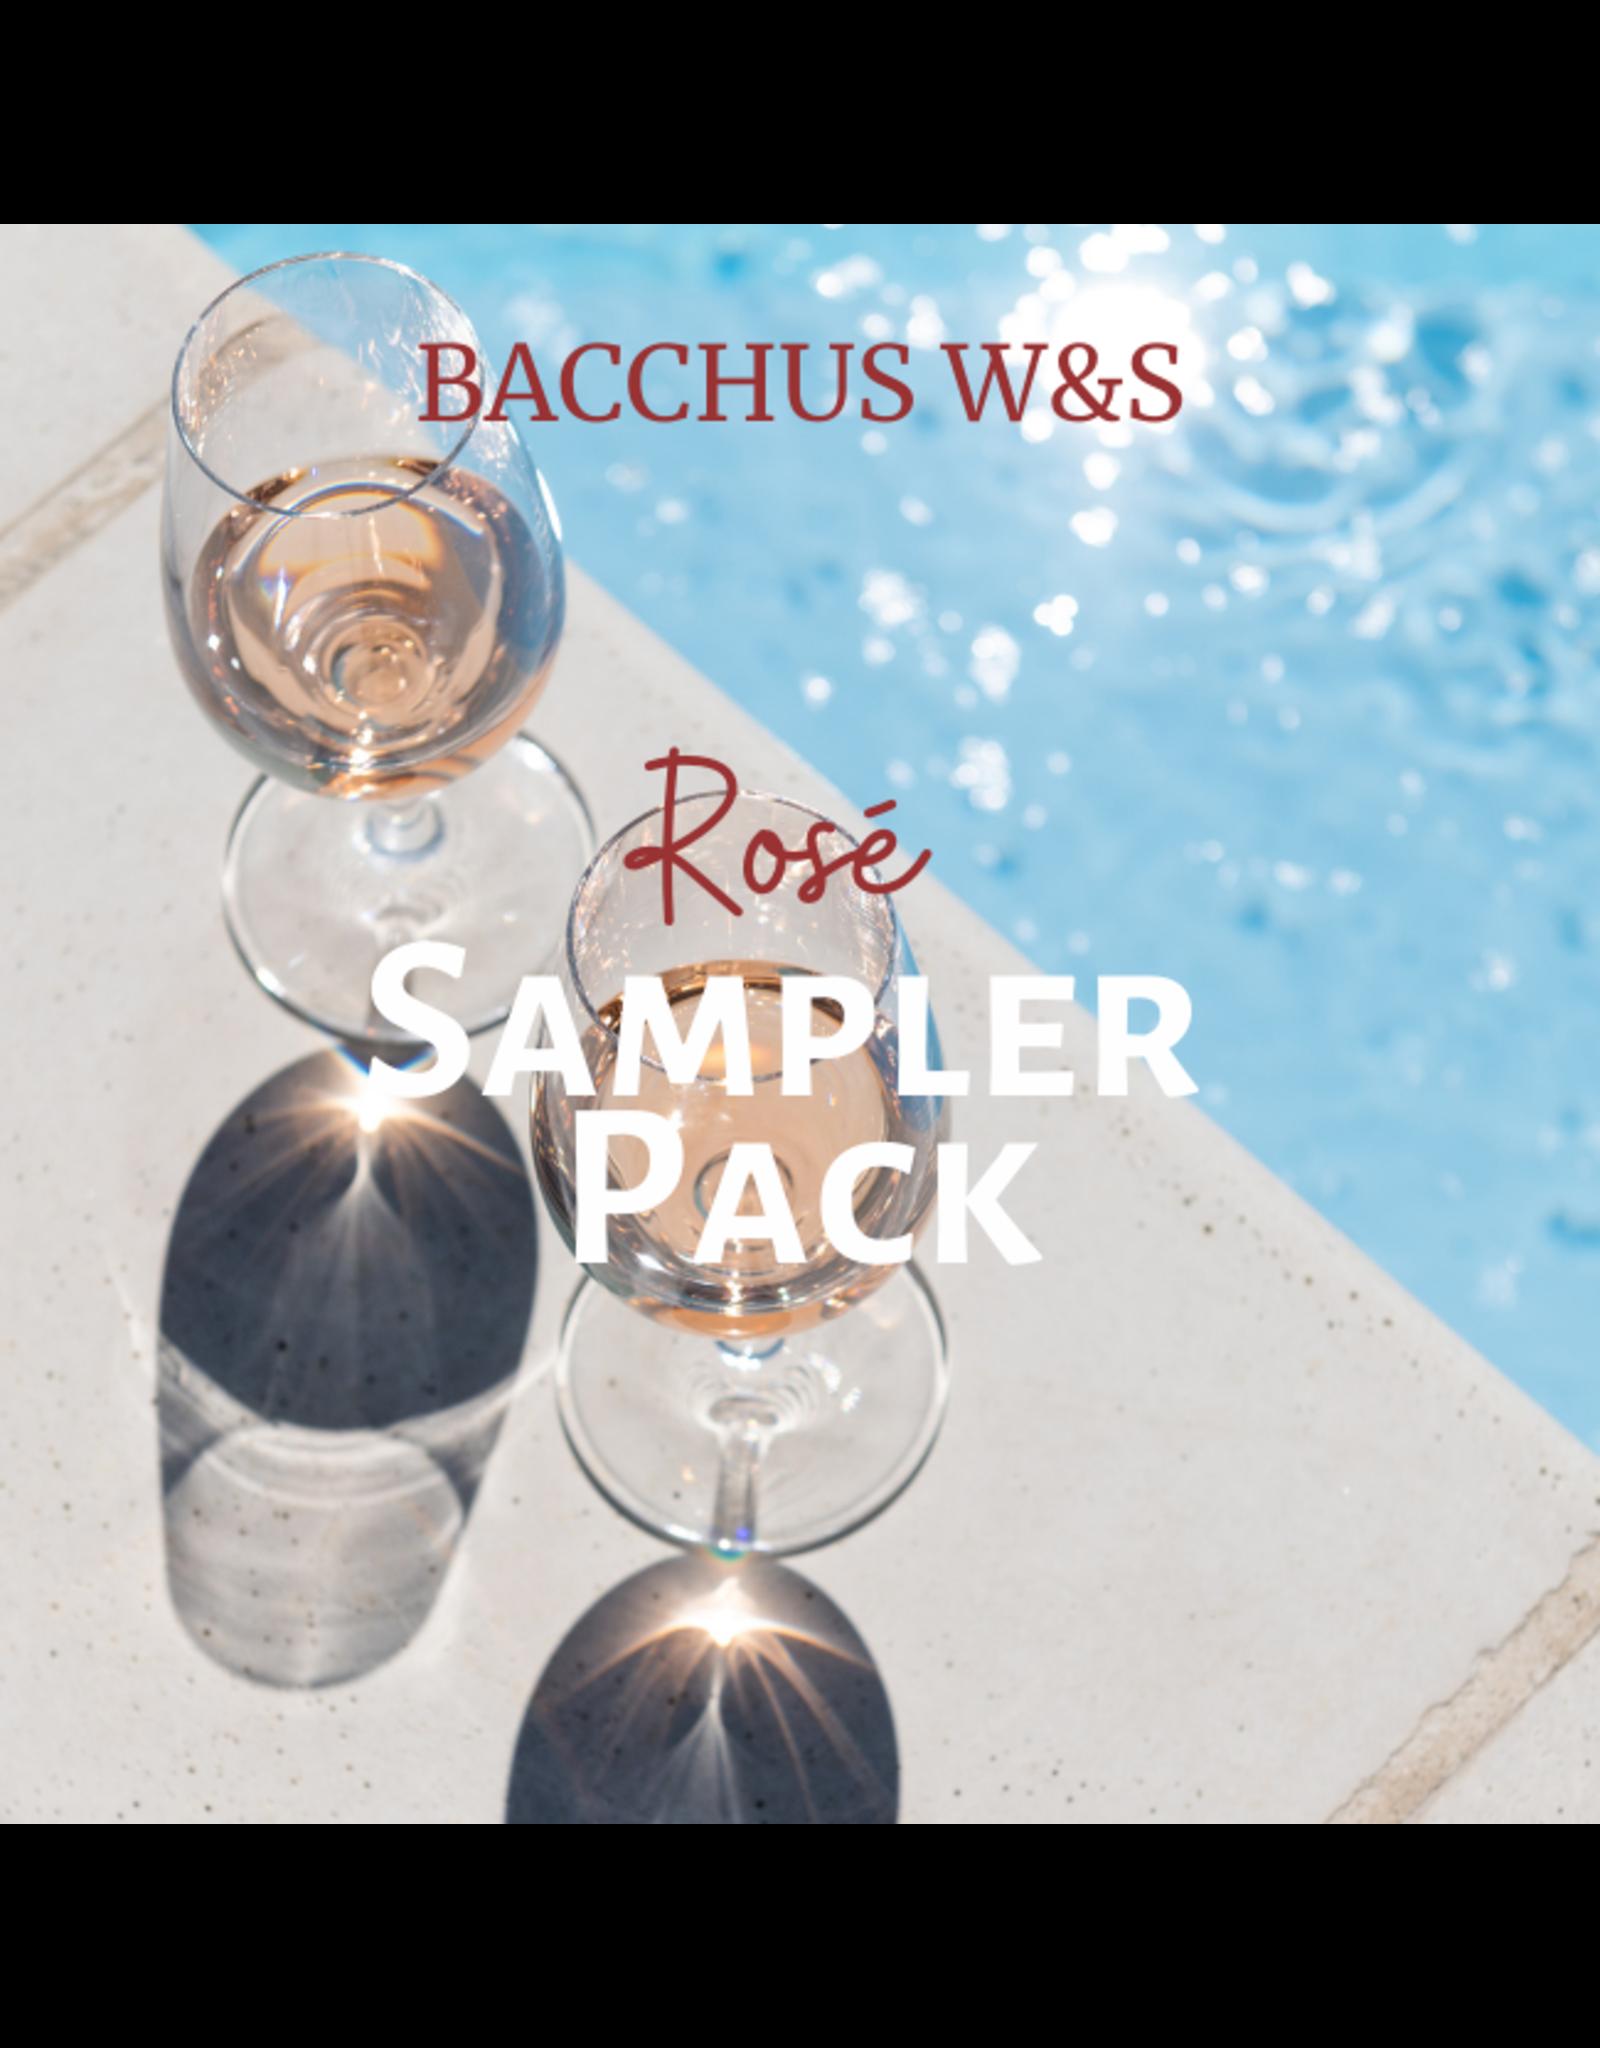 Poolside Rosé Sampler Pack